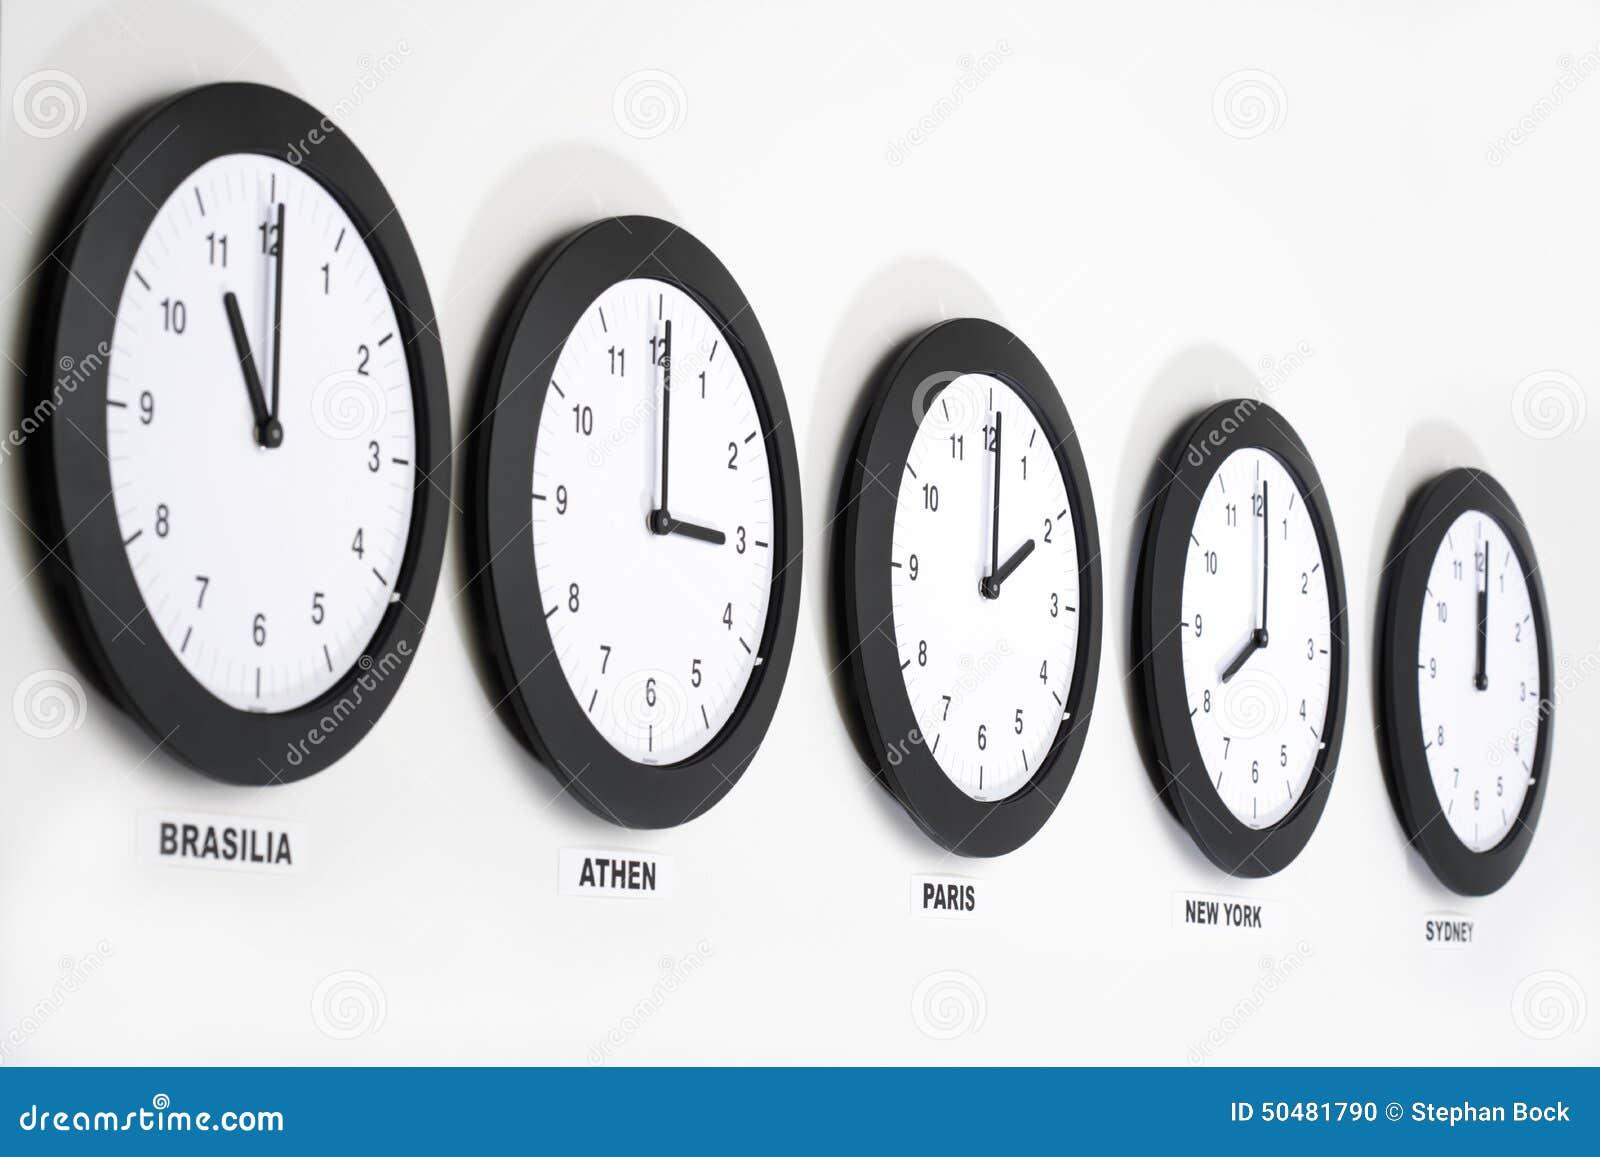 Relojes en la pared s mbolo para el horario de greenwich - Reloj pintado en la pared ...